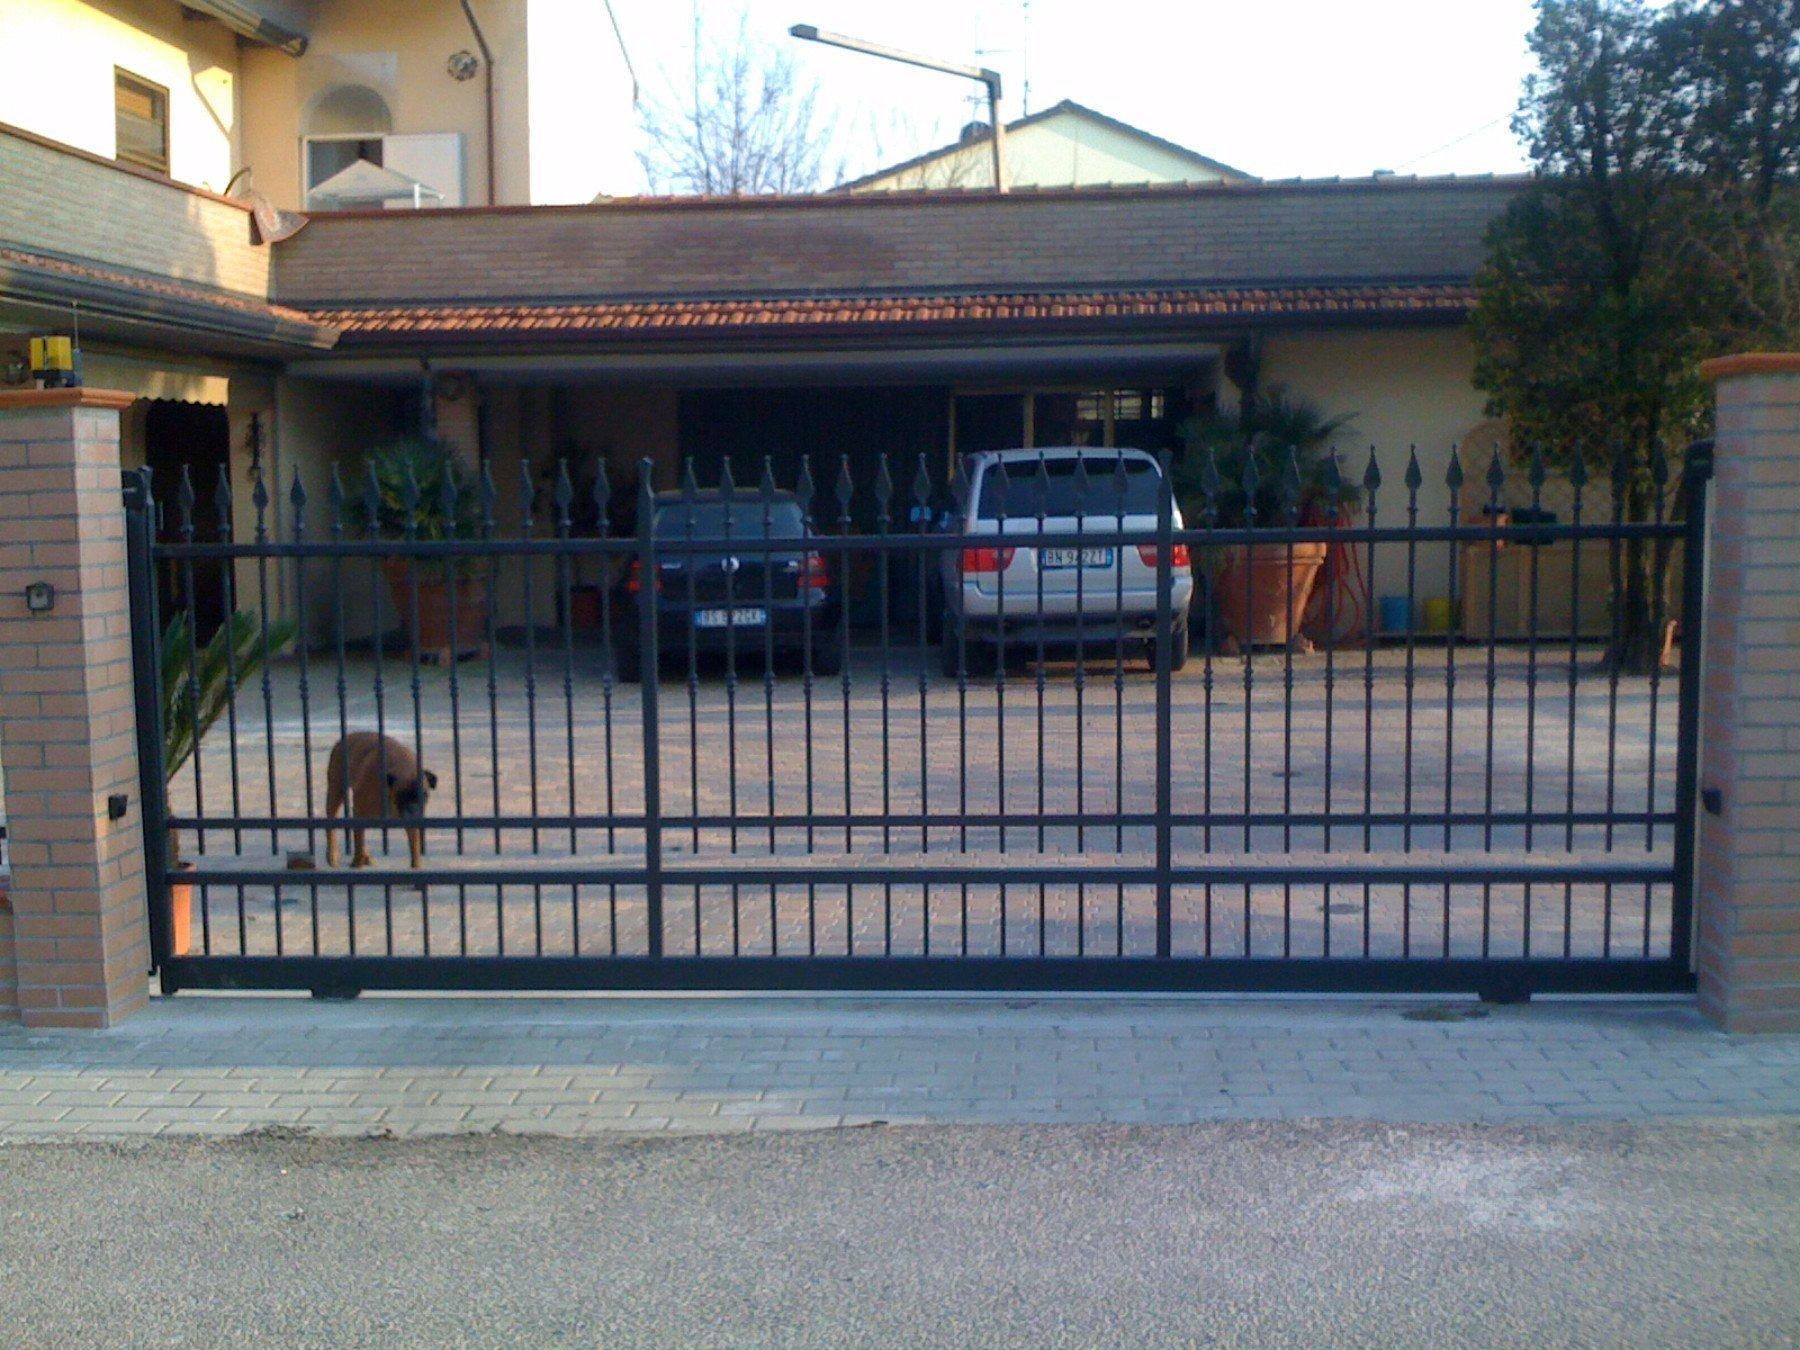 un cancello di una villa con delle macchine parcheggiate